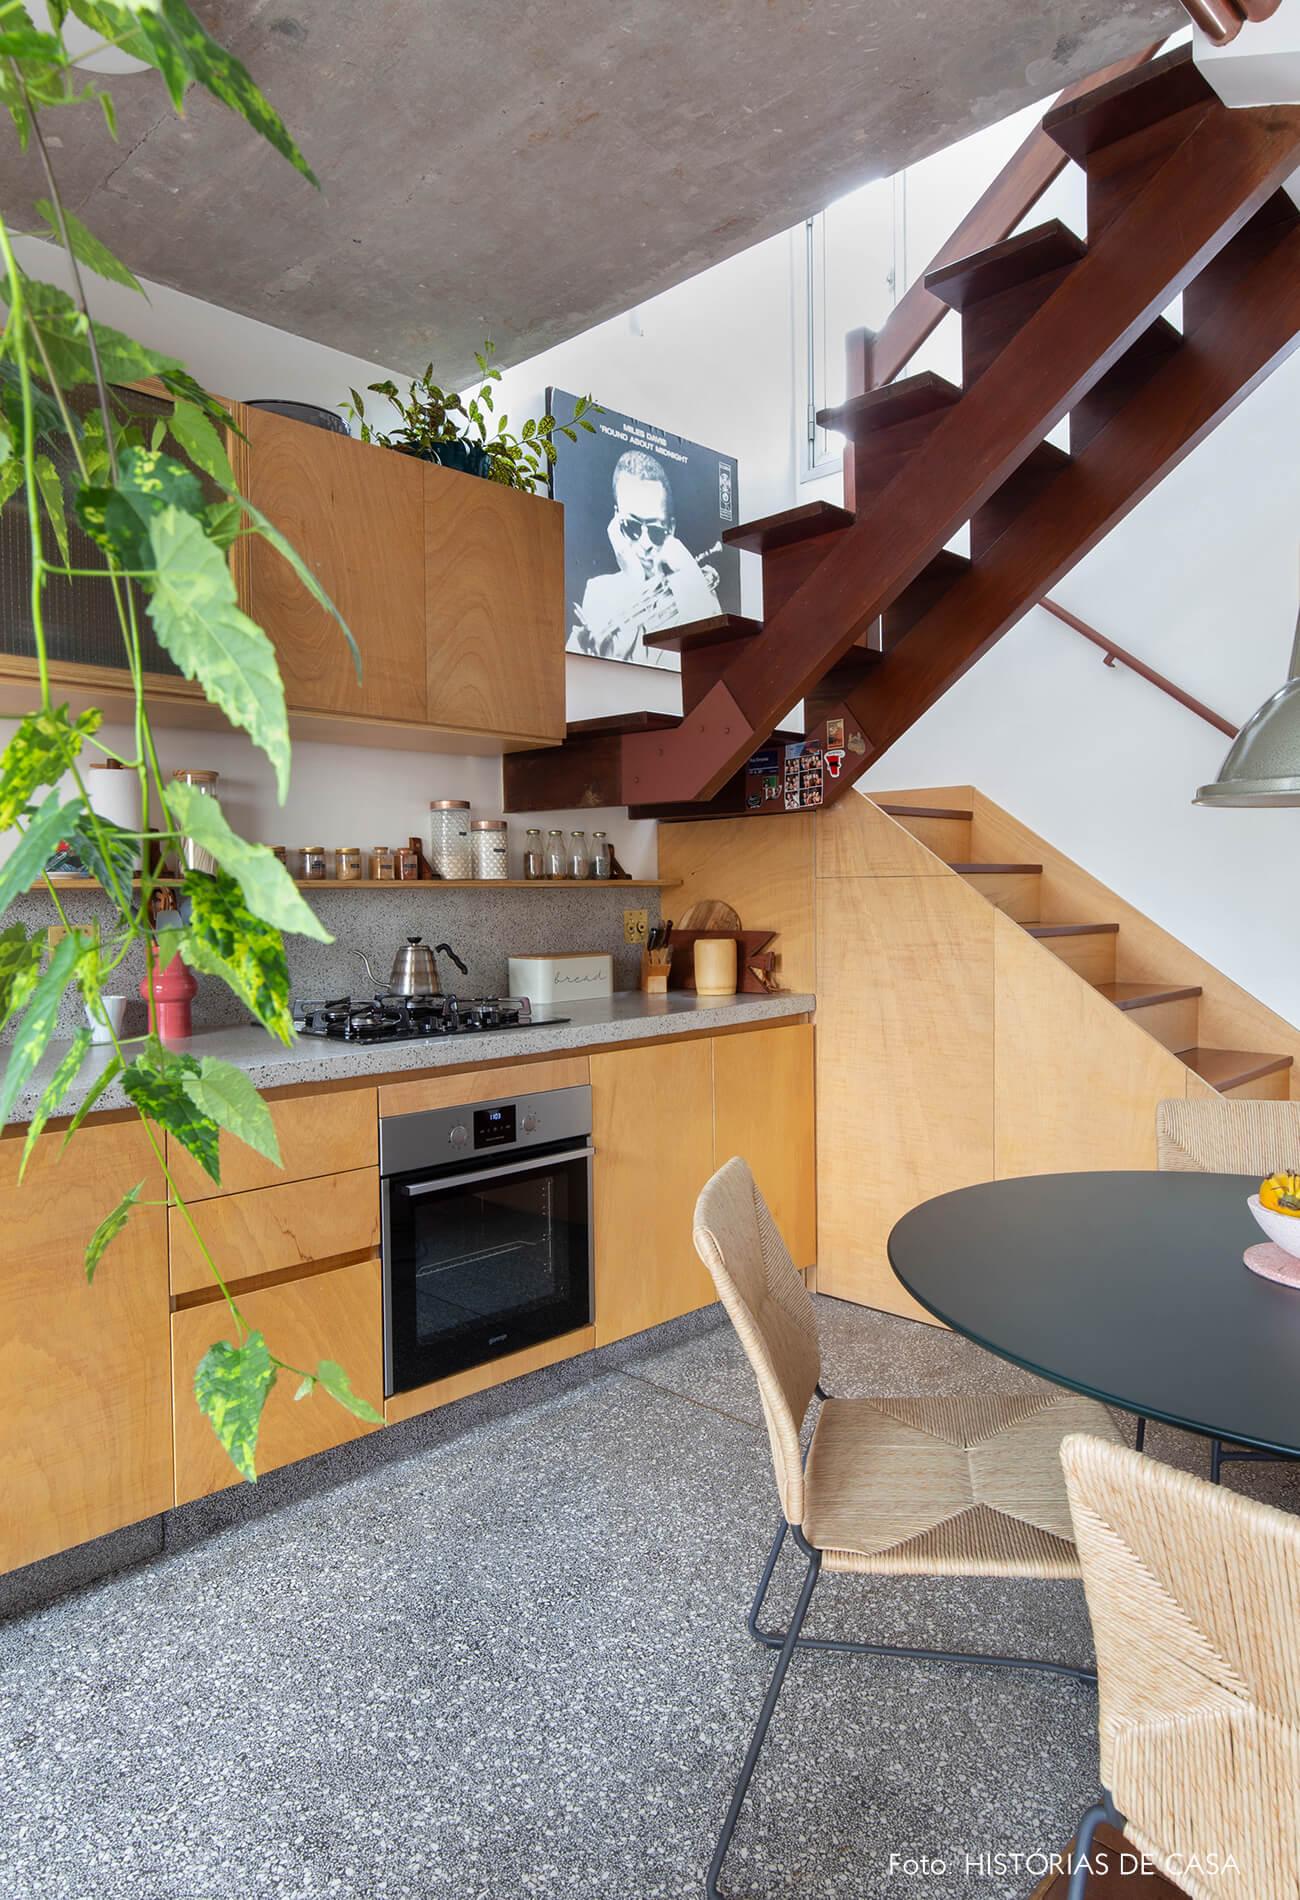 decoração cozinha com moveis de madeira e cadeira de palha